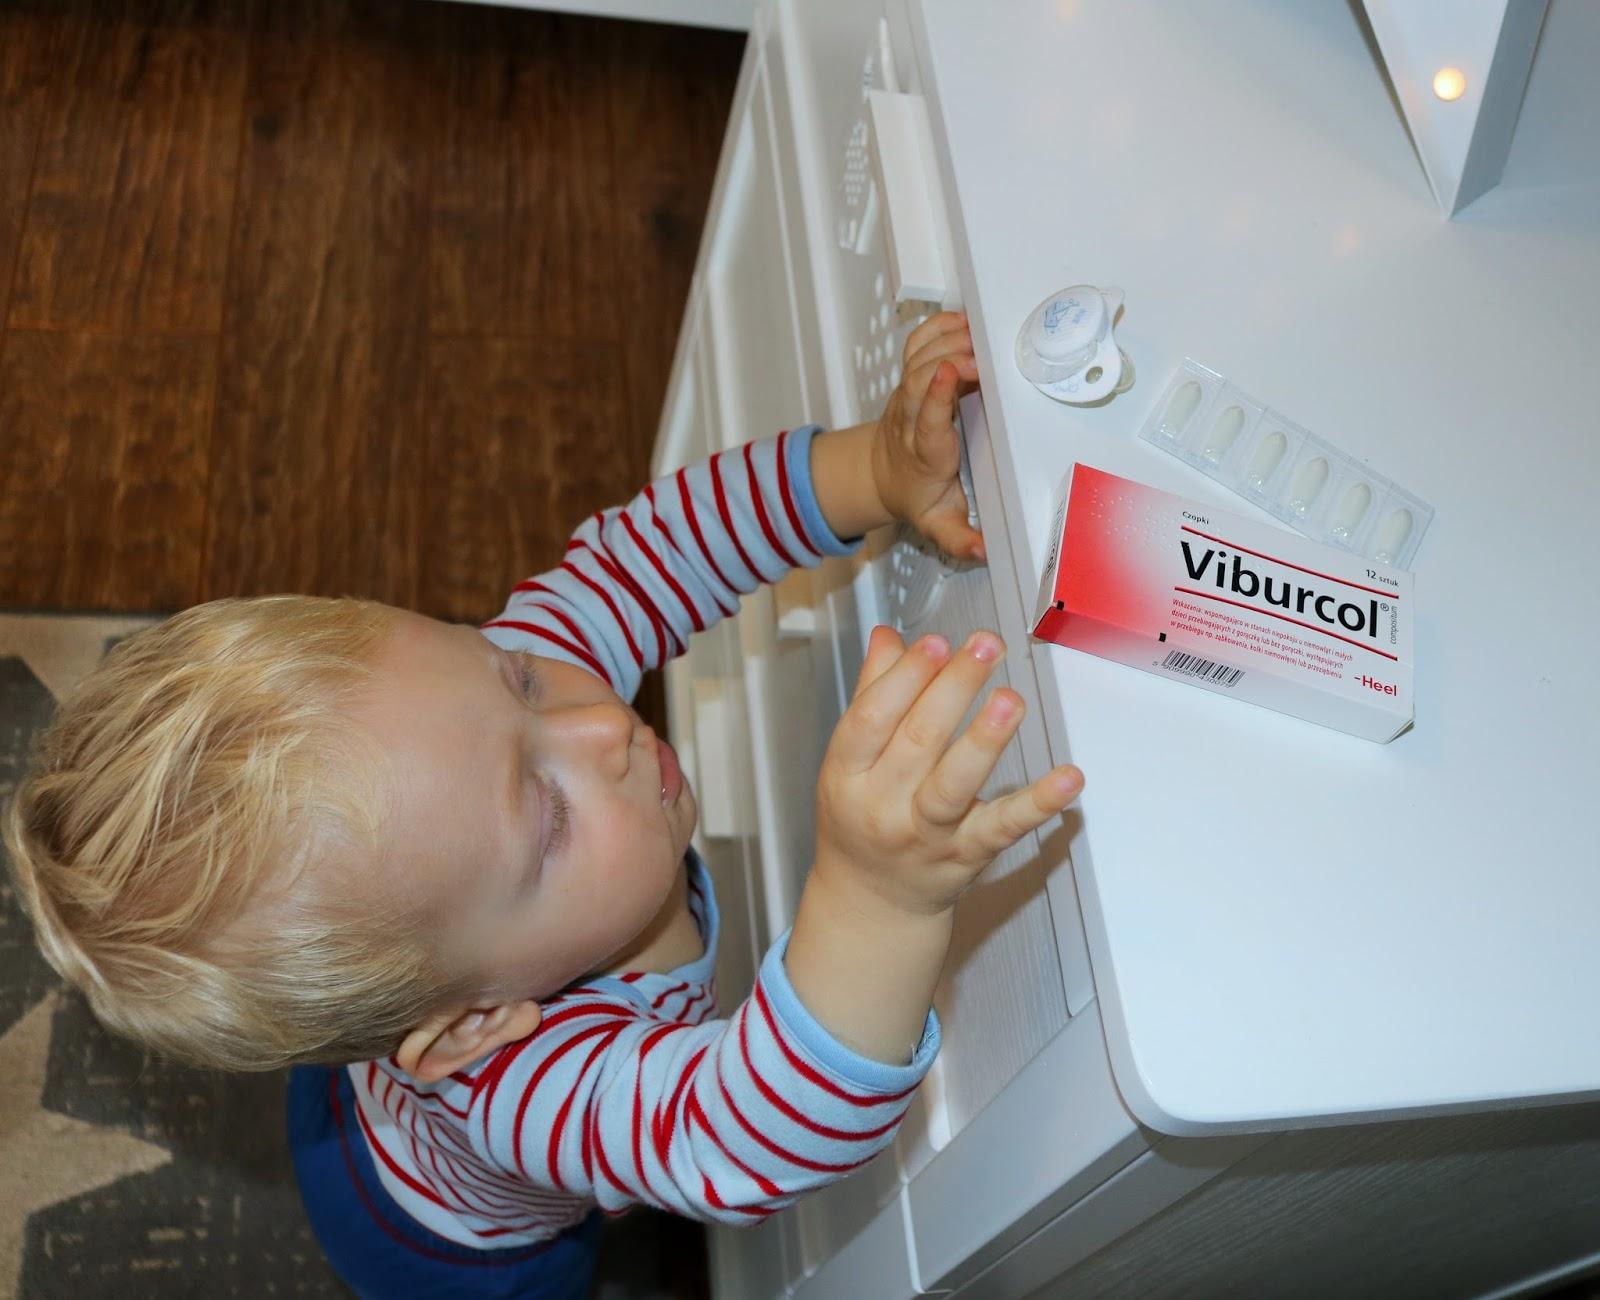 skoki rozwojowe u niemowlaka jak łagodzić objawy